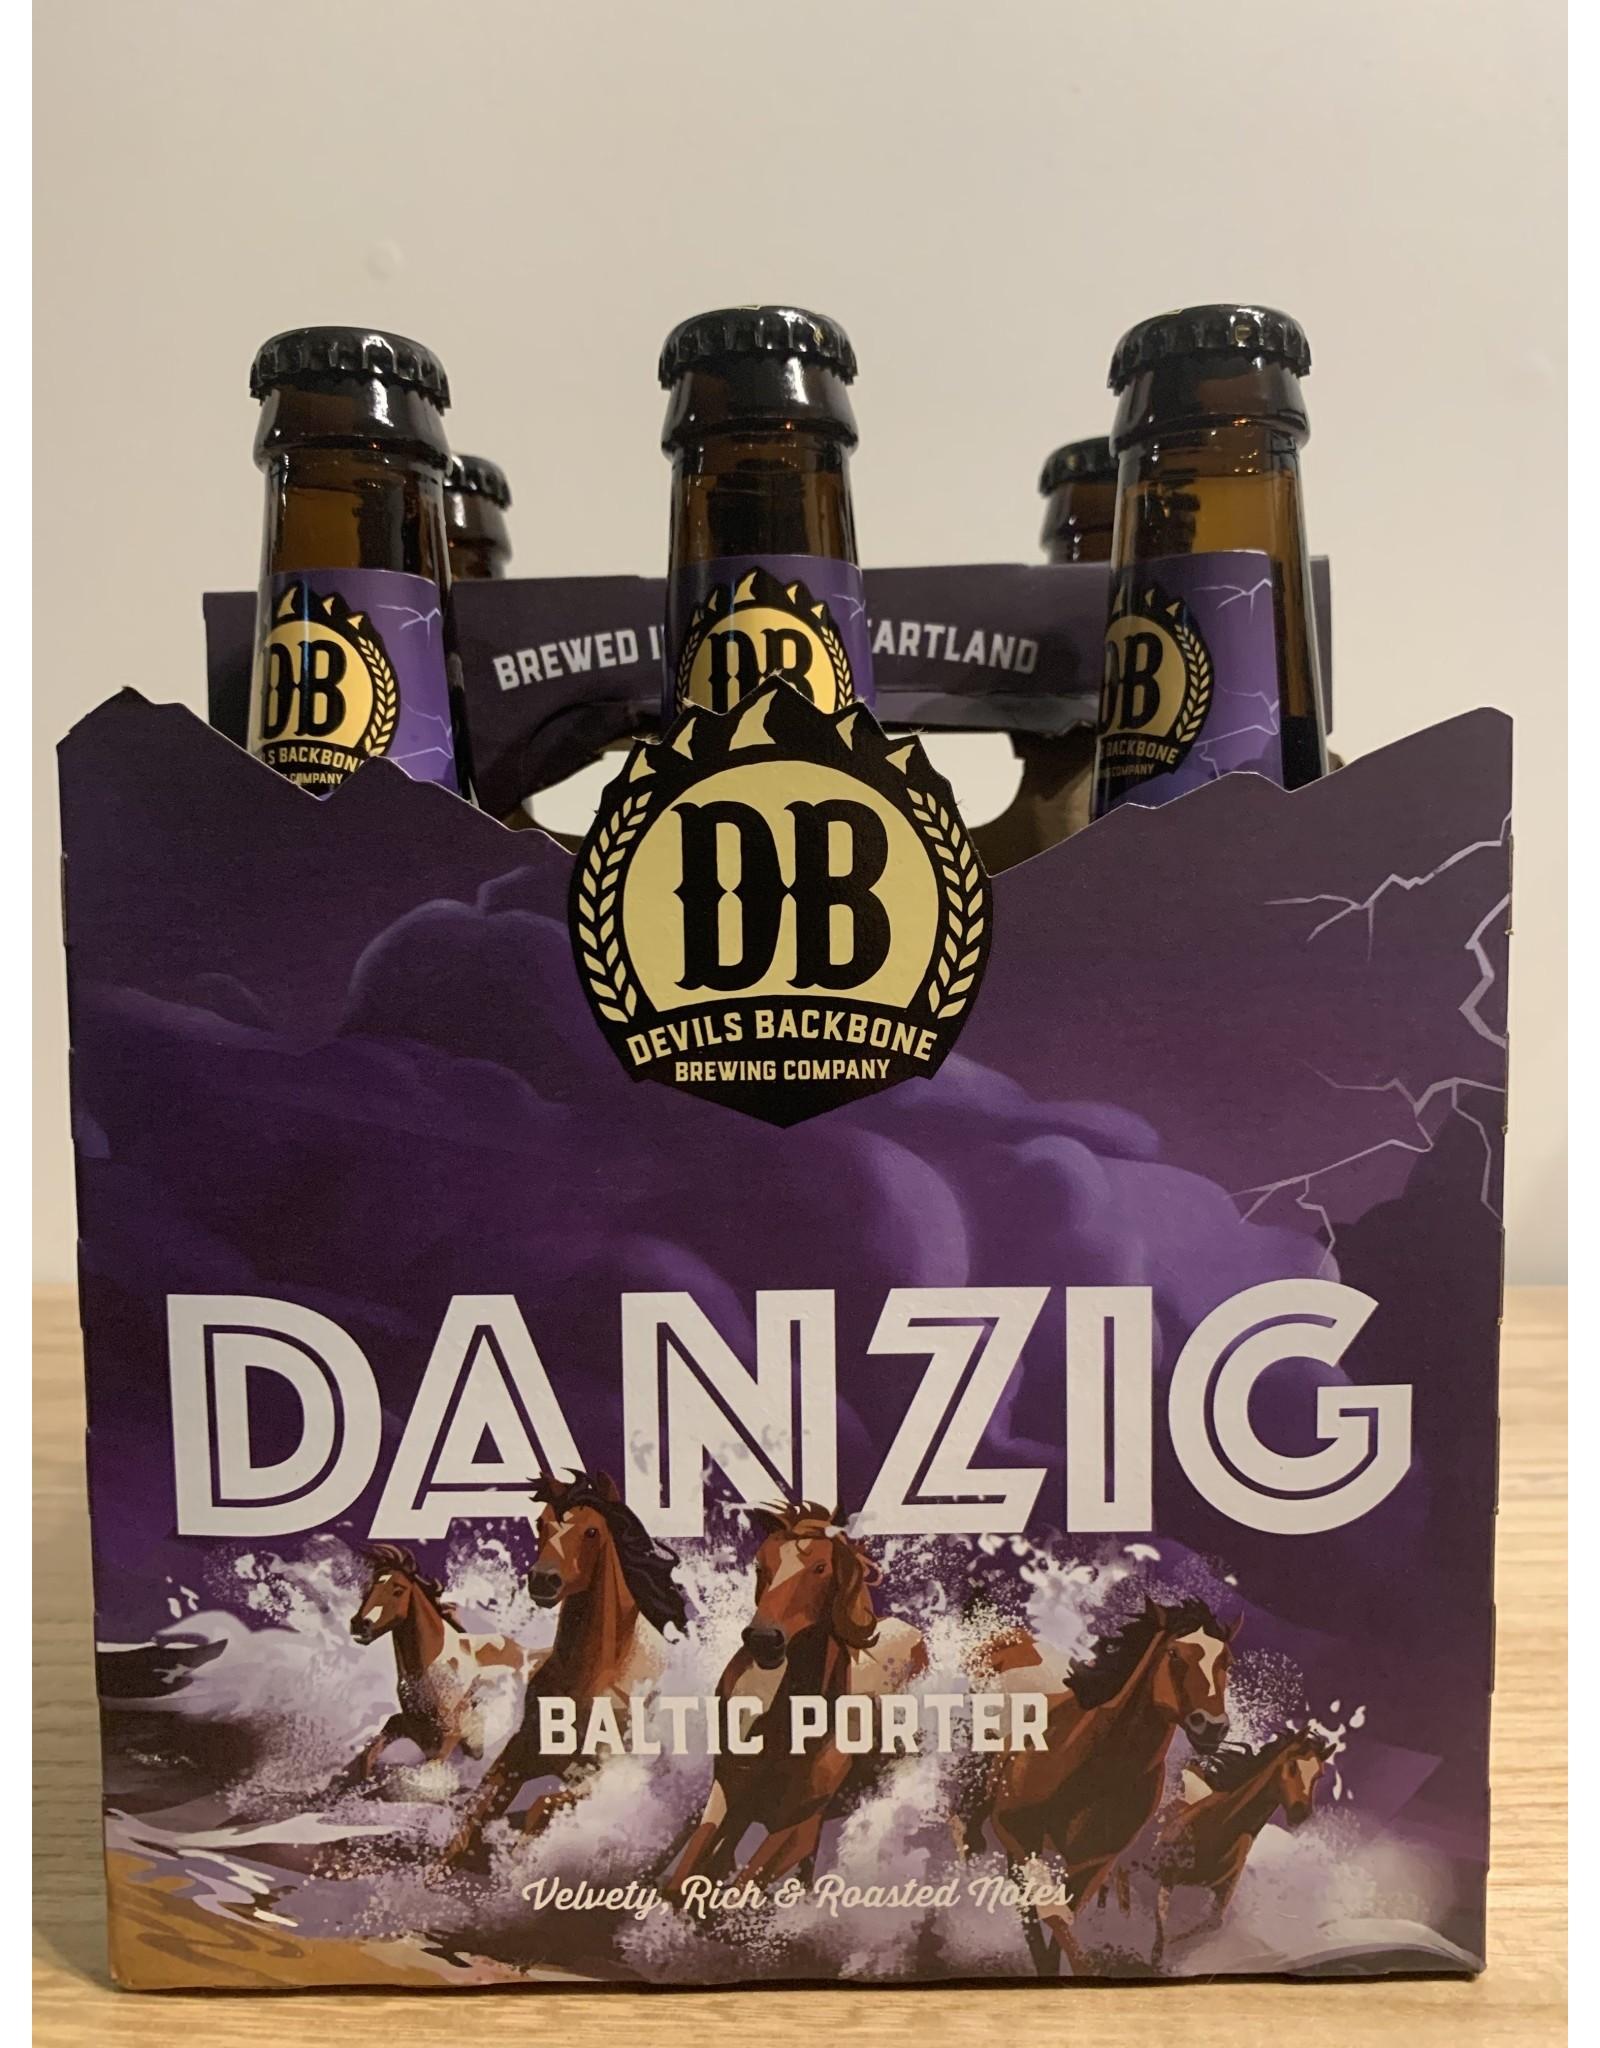 Devils Backbone Devils Backbone Danzig Baltic Porter